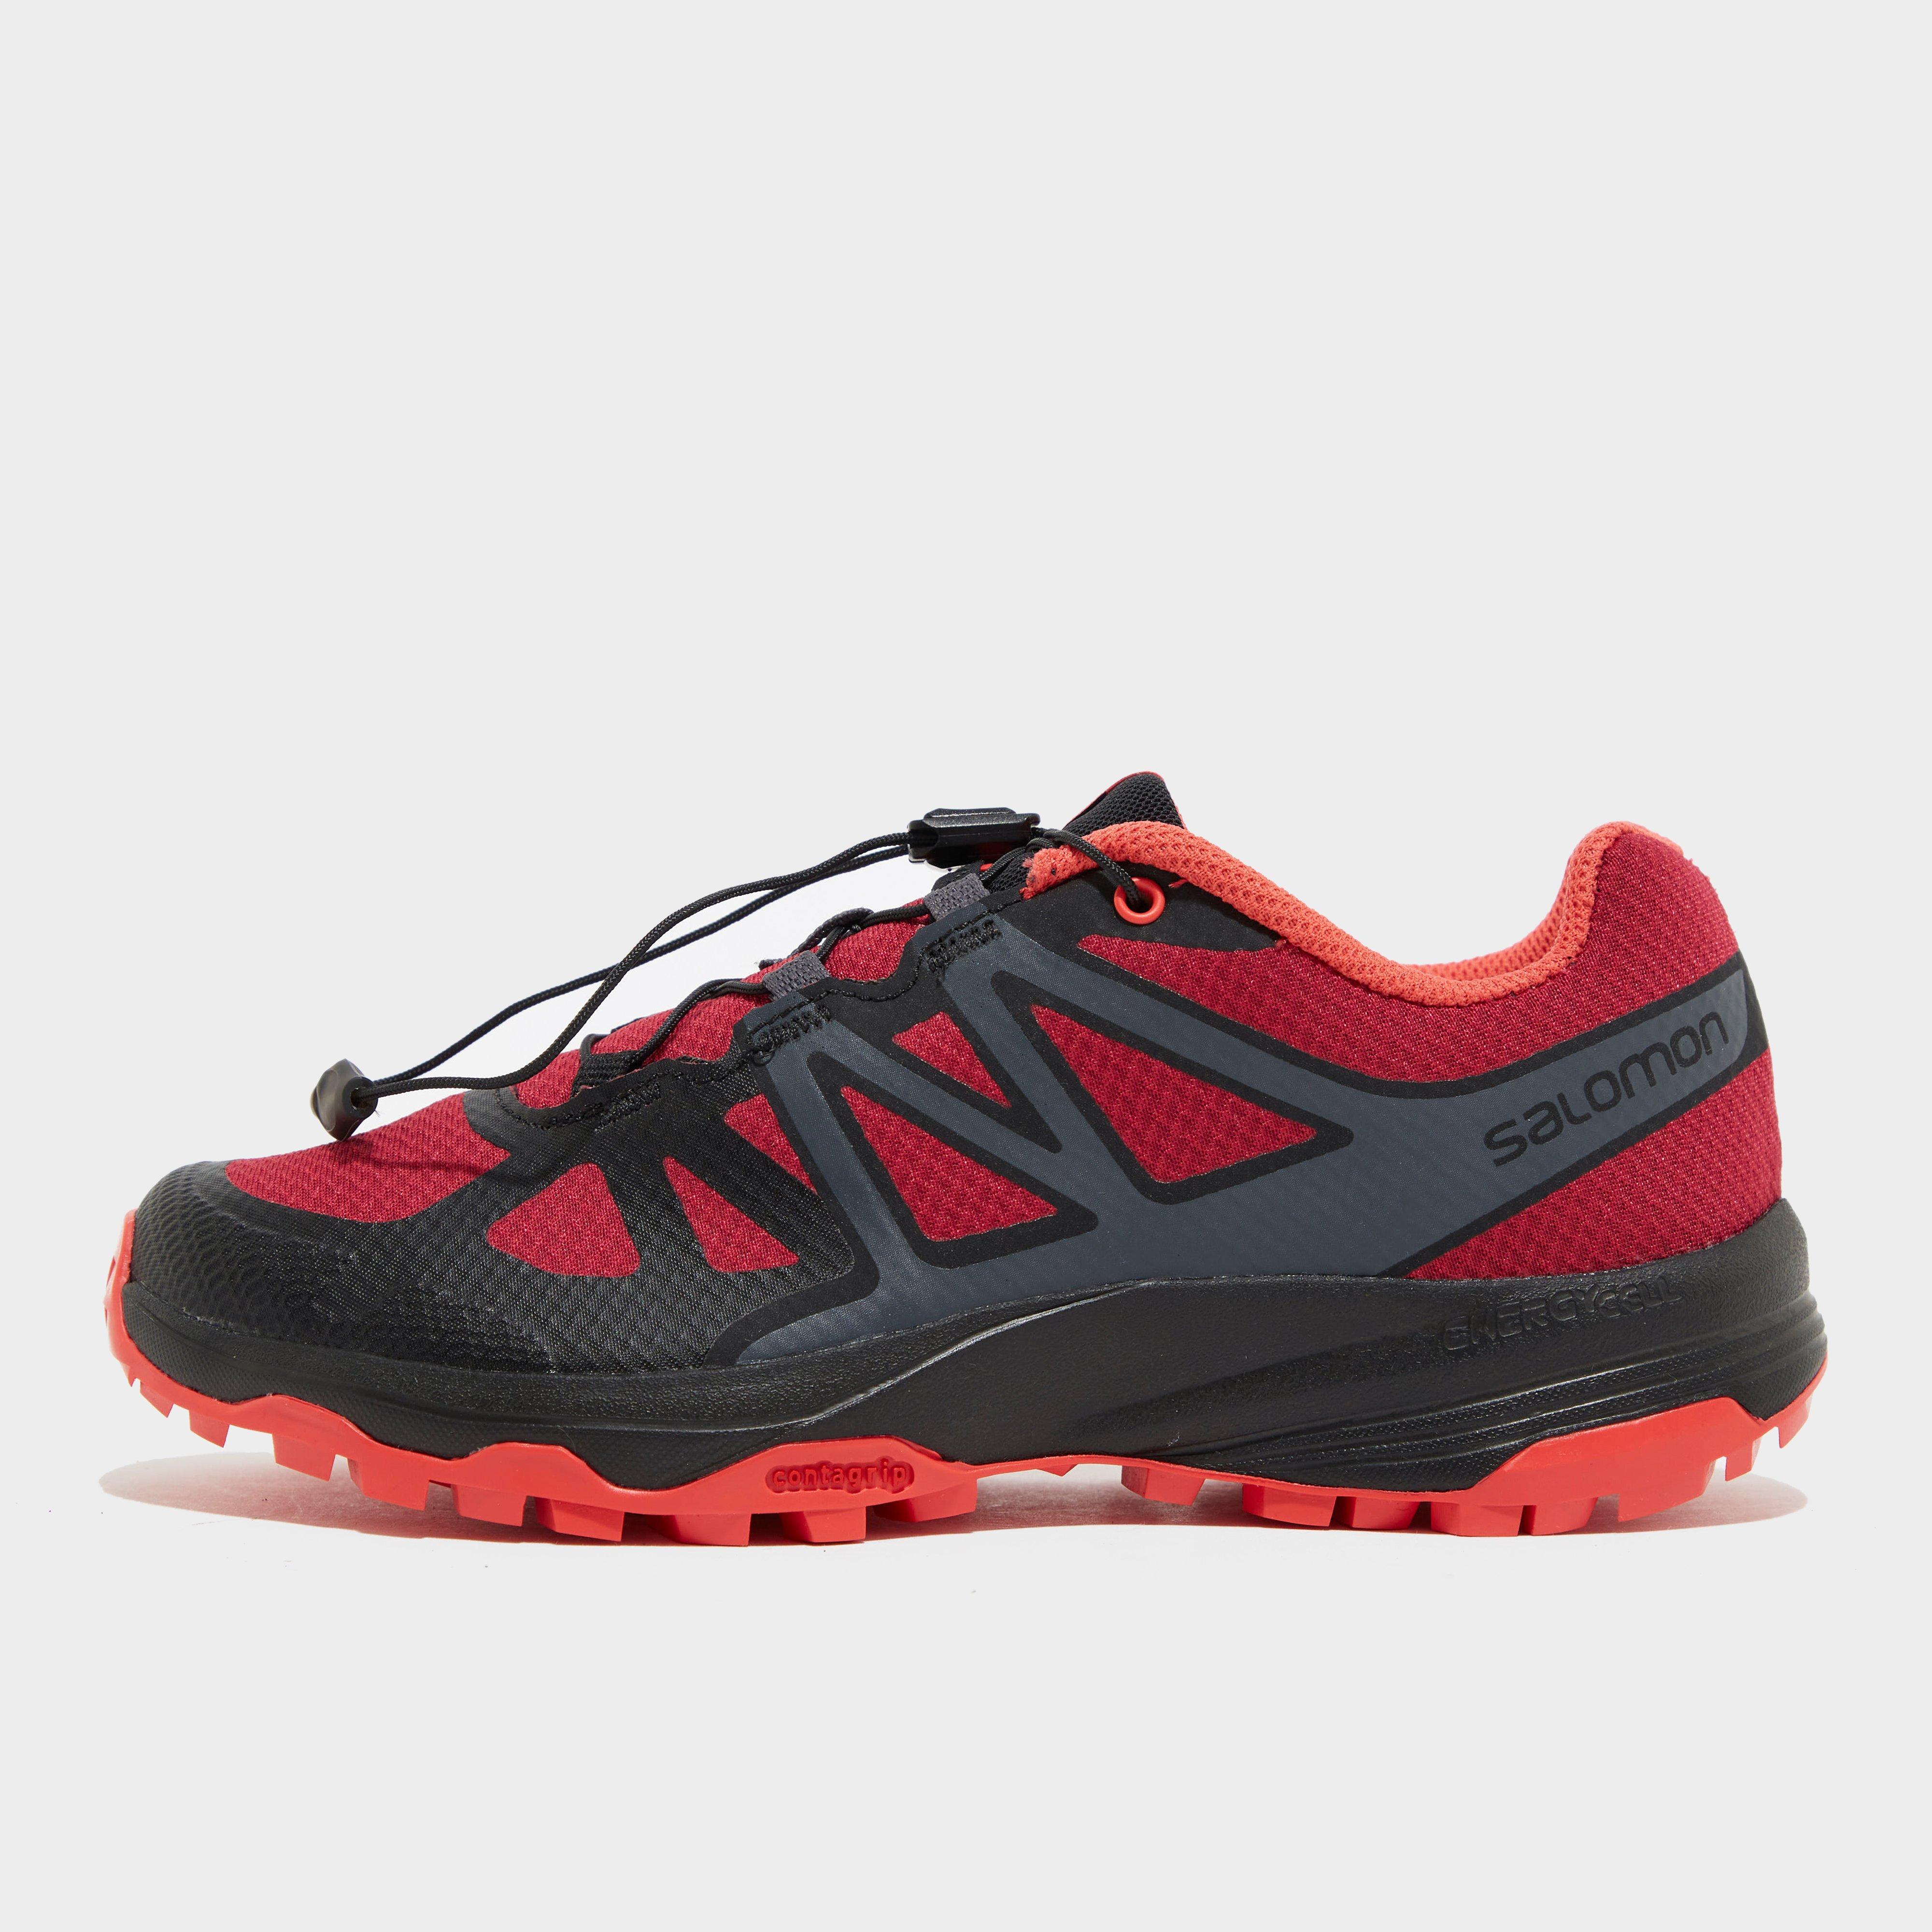 Salomon Women's Xa Oribi Trail Running Shoe - Red/Red, Red